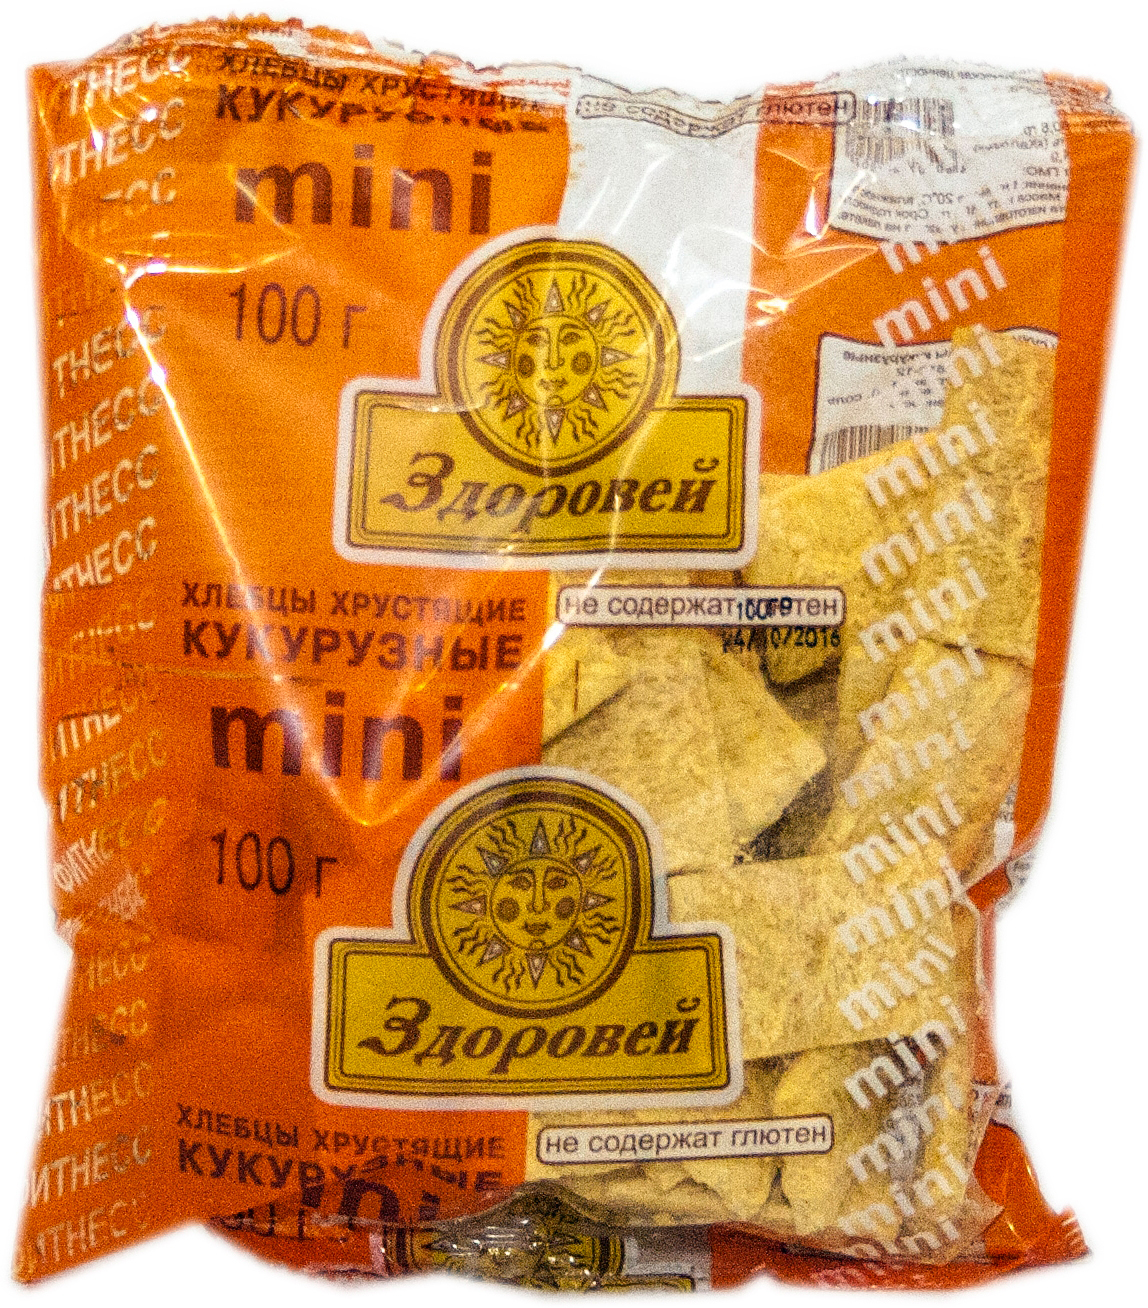 Кукурузные мини-хлебцы без глютена торговой марки Здоровей используются вместо хлеба, содержат большое количество ценных витаминов и микроэлементов, требующихся организму, пищевые волокна, способствующие улучшению пищеварения. Продукт от российского производителя компании Безглютеновый продукт комбинат детского и диетического питания в Санкт-Петербурге предназначен для людей, соблюдающих безглютеновую диету, в том числе больным целиакией и людей, склонных к аллергии на глютен.